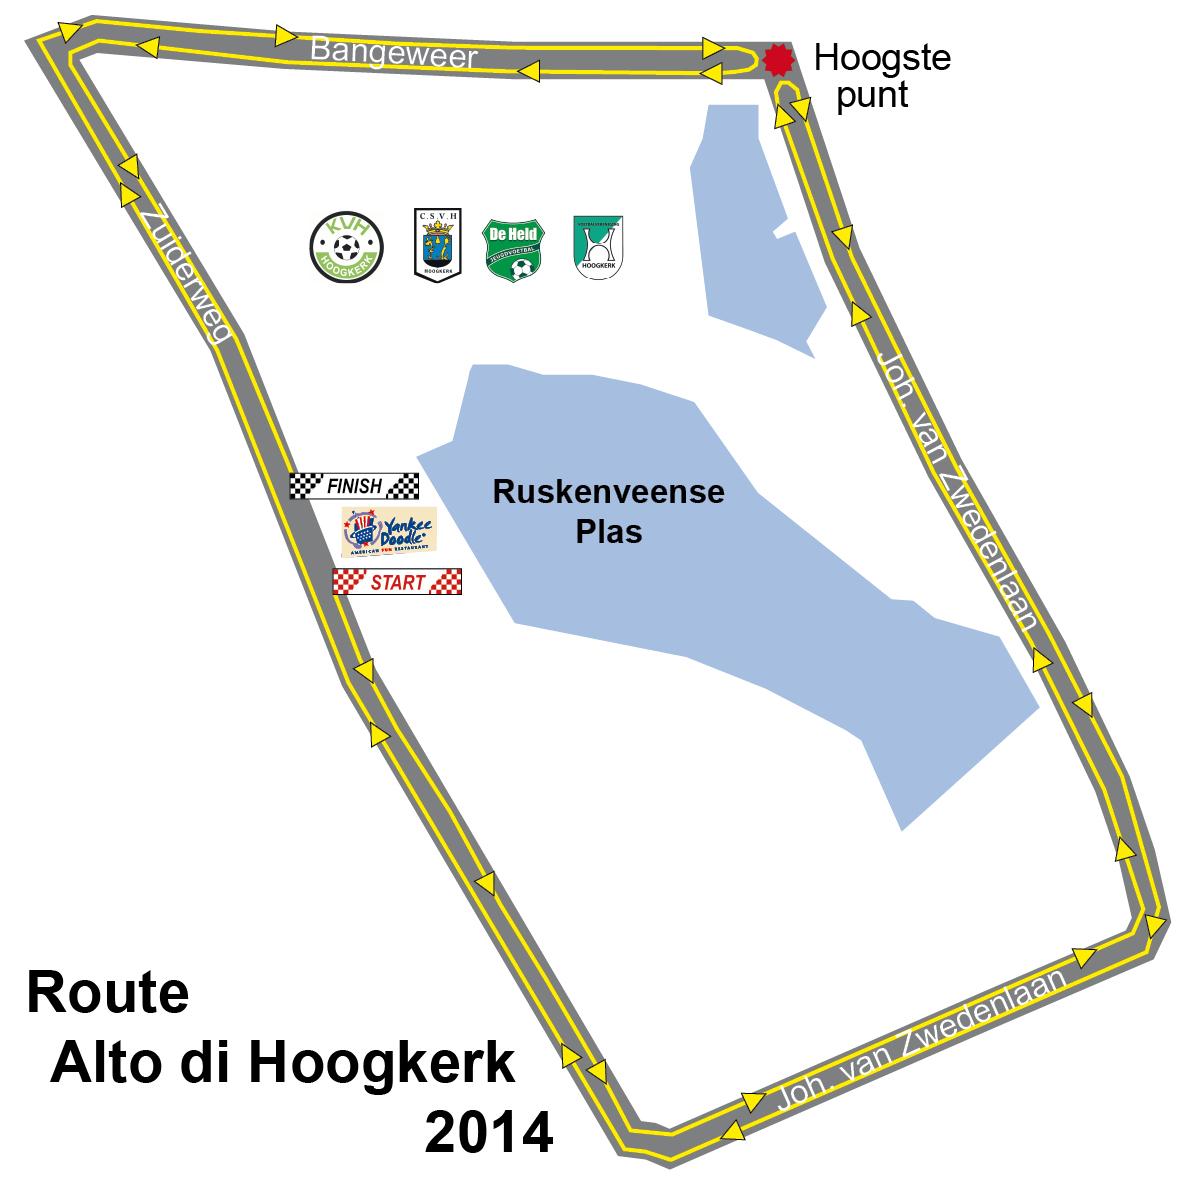 Alto di Hoogkerk kaartje tijdrit